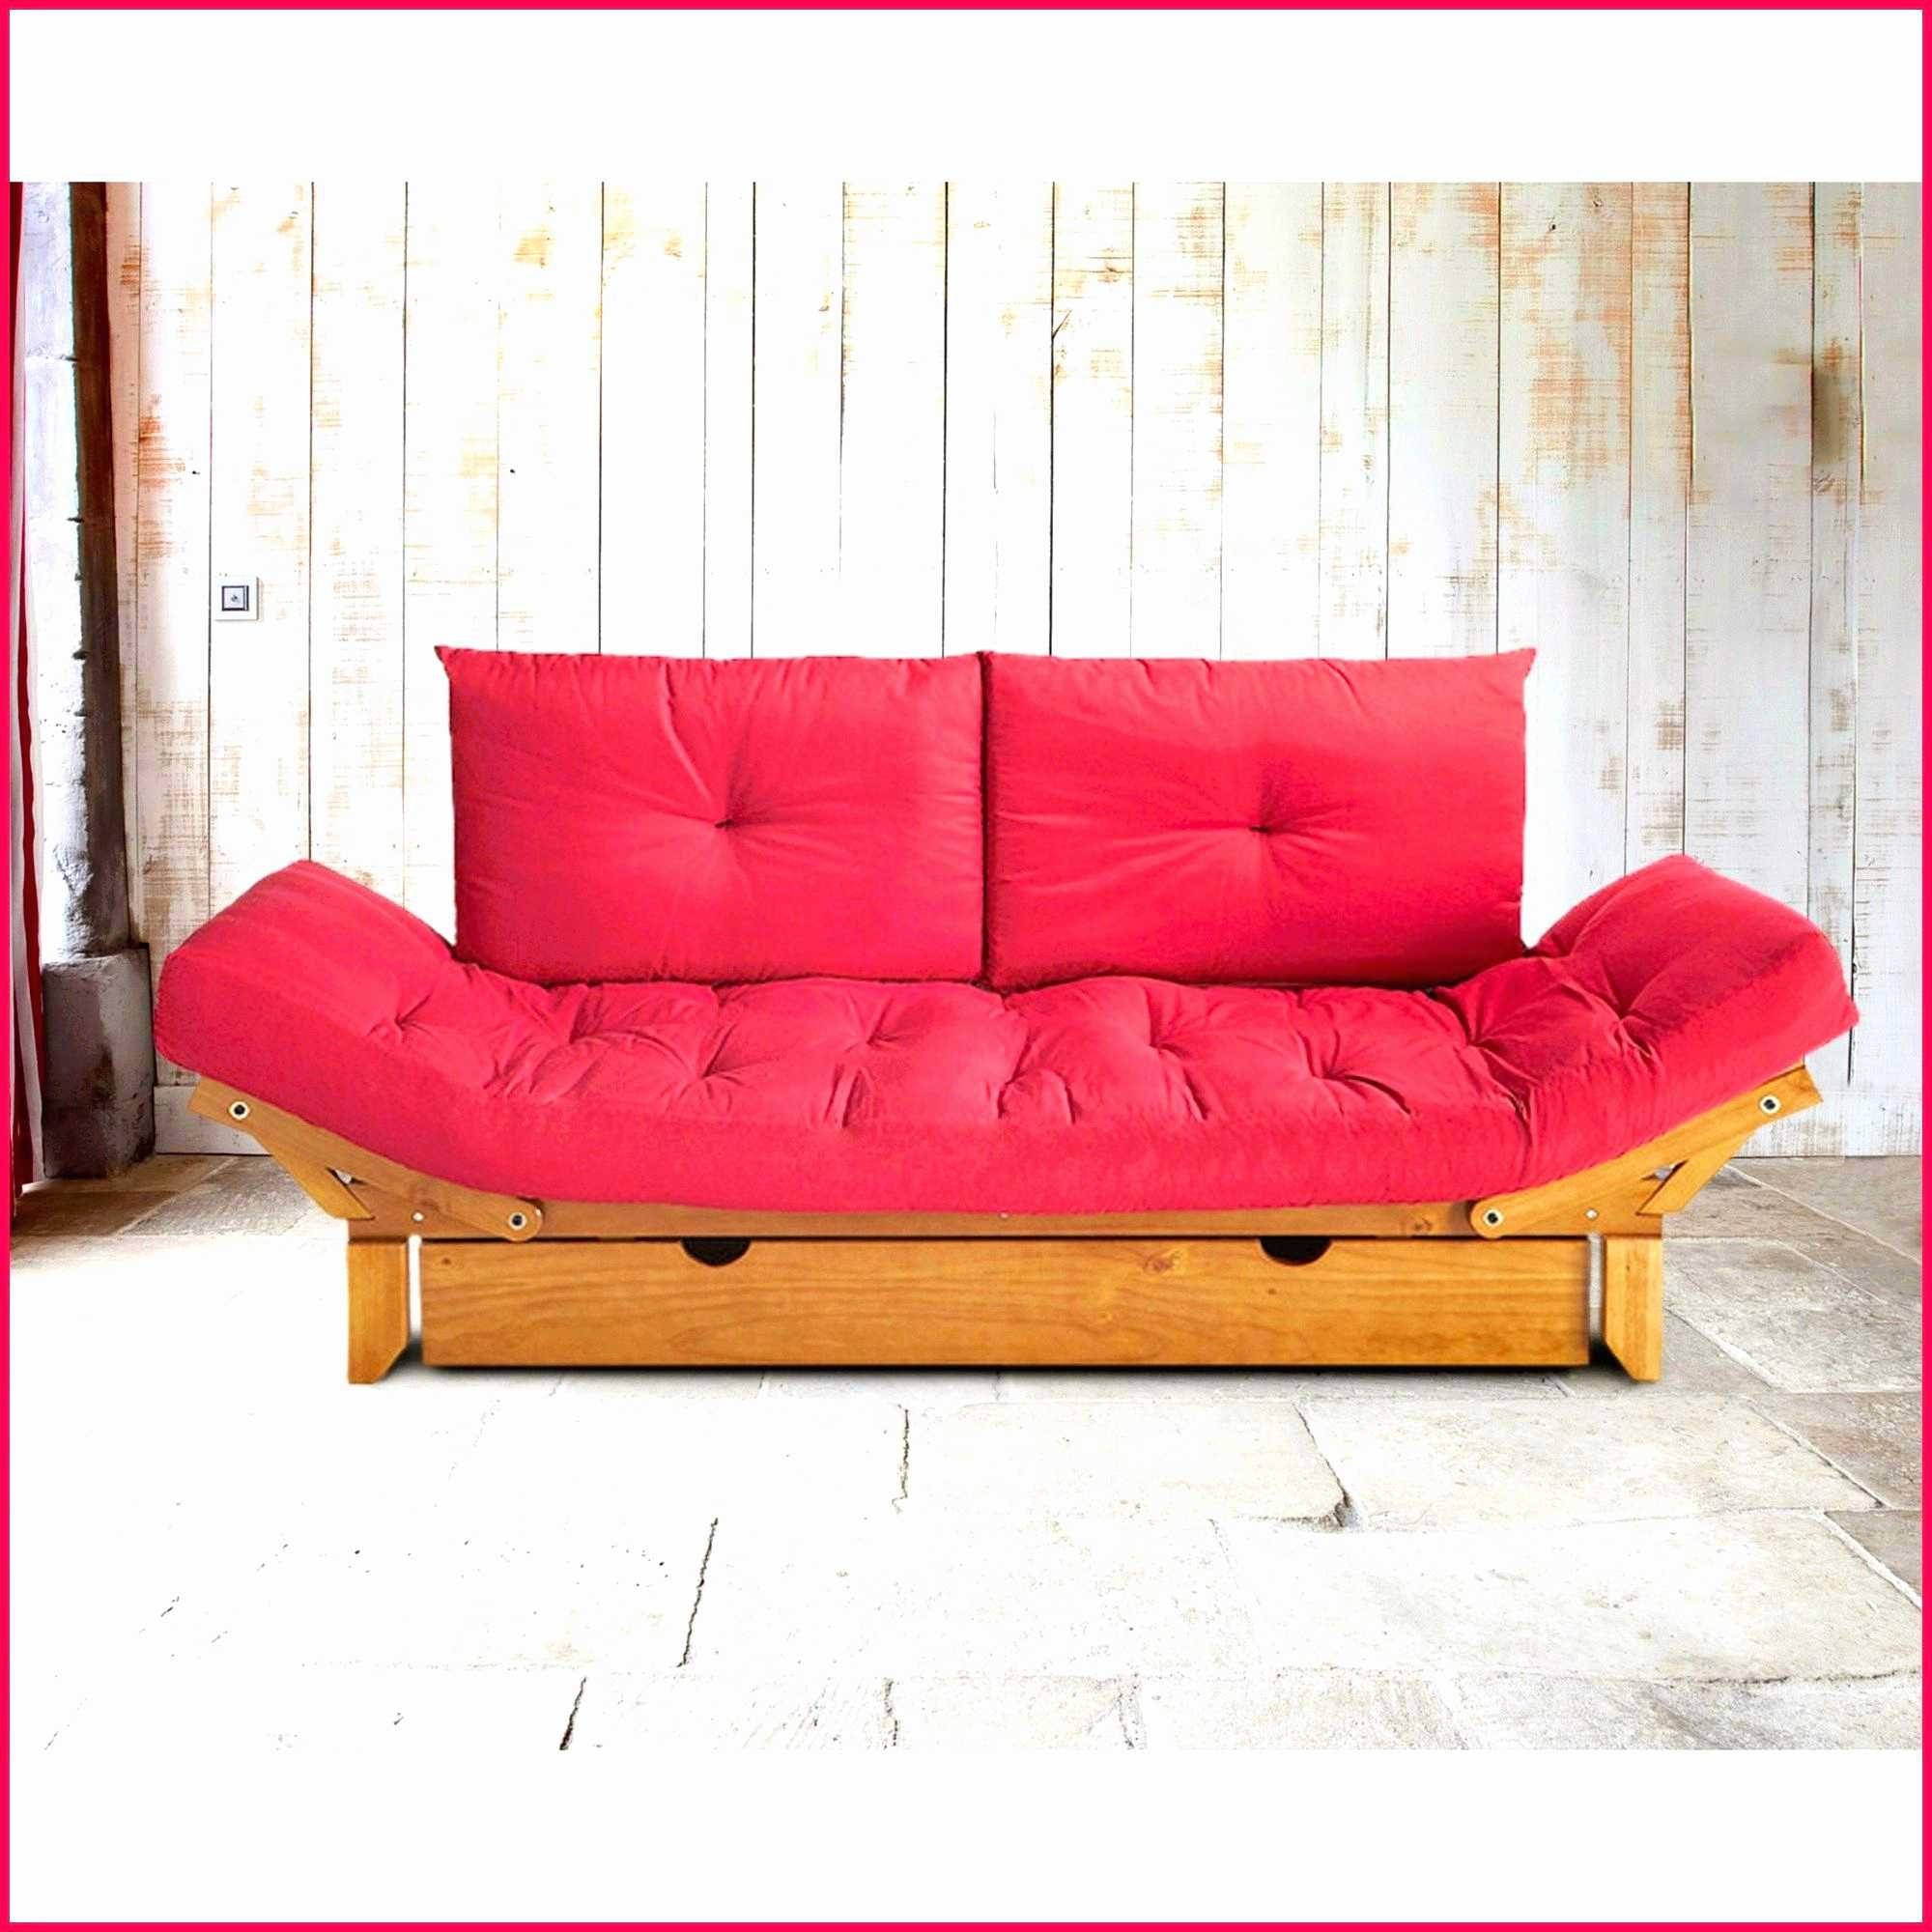 Canapé Lit 2 Places Pas Cher Inspiré Décoratif Canapé Convertible Pas Cher Conforama Dans Canape Lit